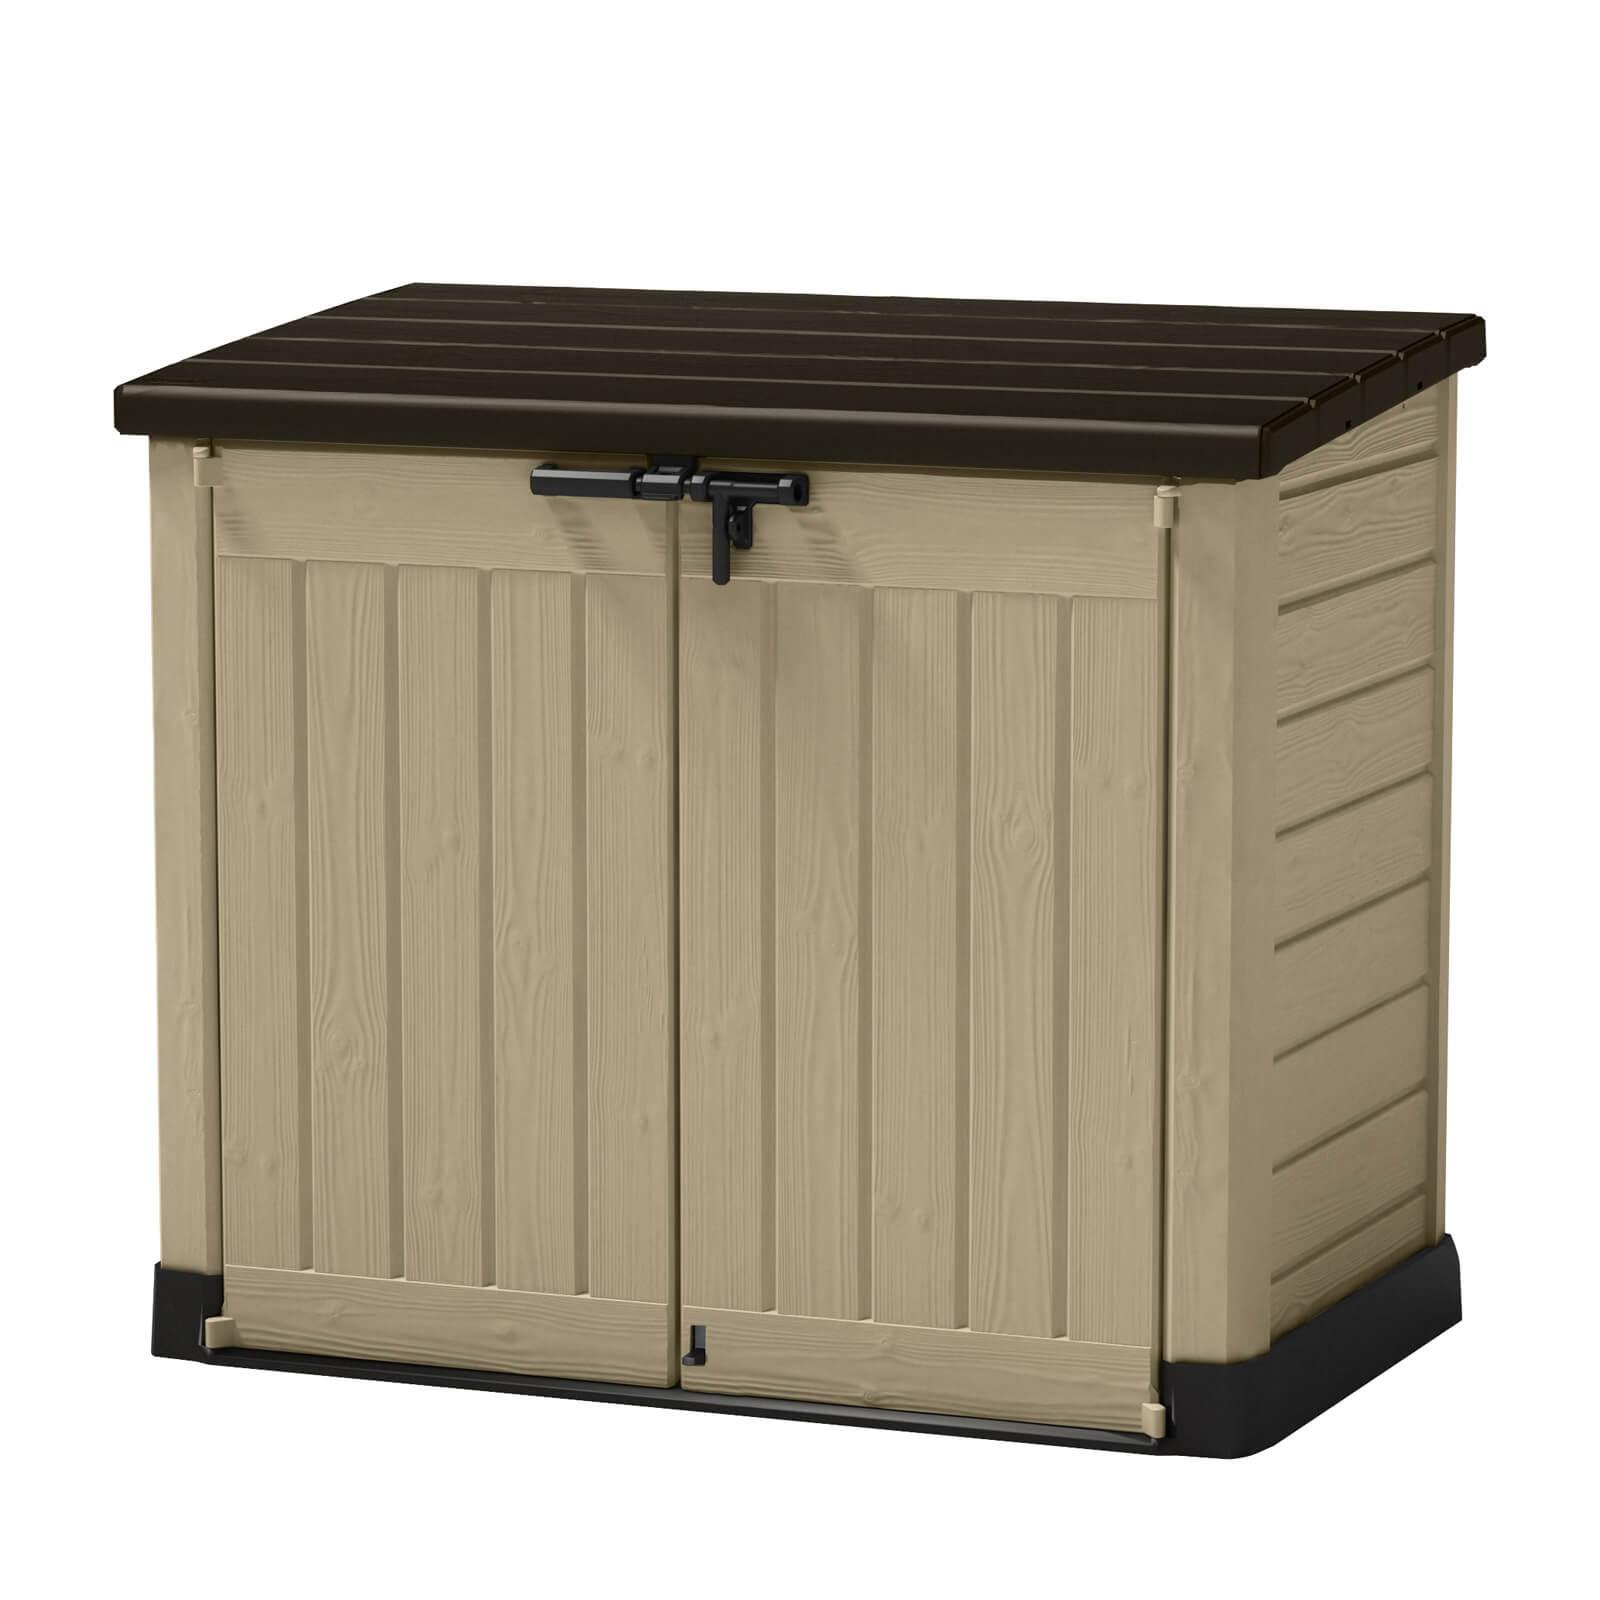 Tepro Keter Gartenbox Aufbewahrungsbox Mülltonnenbox Mülltonnenschrank Store It Out 6027